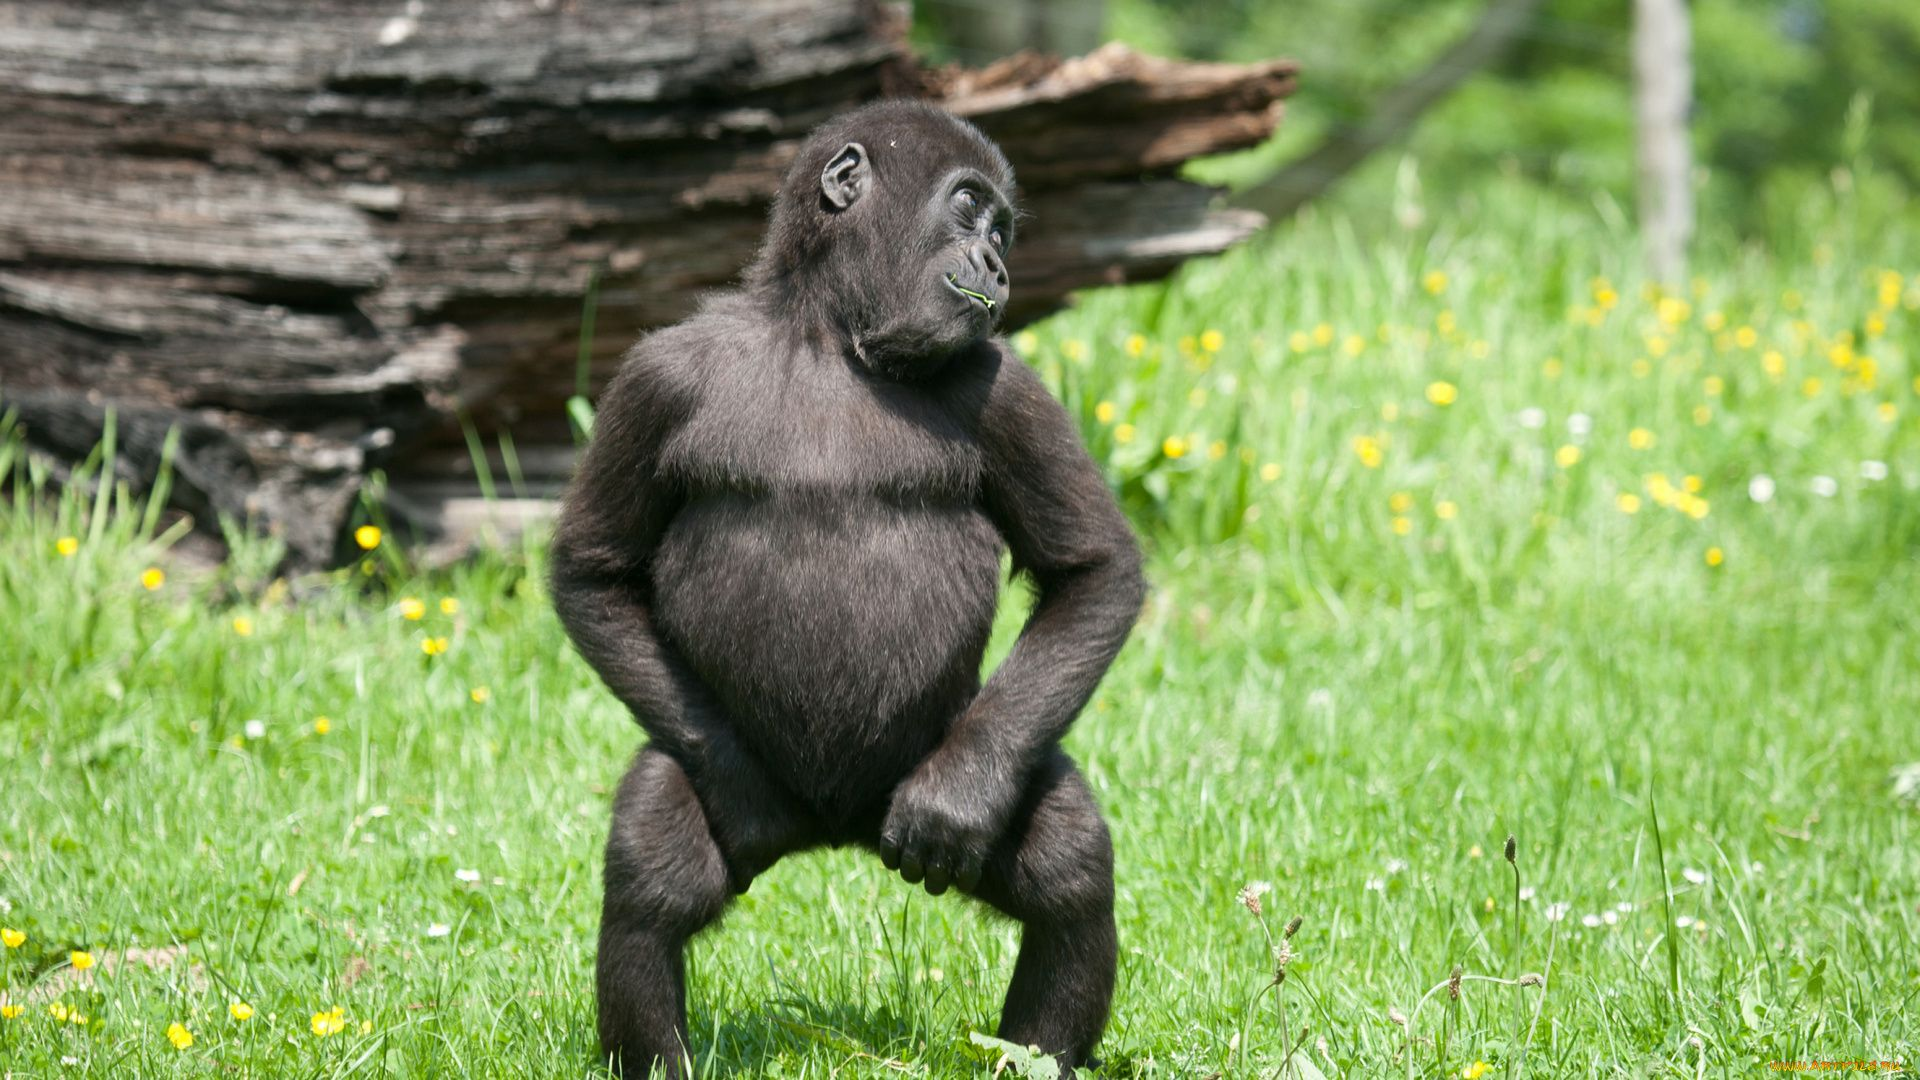 Monkey Is